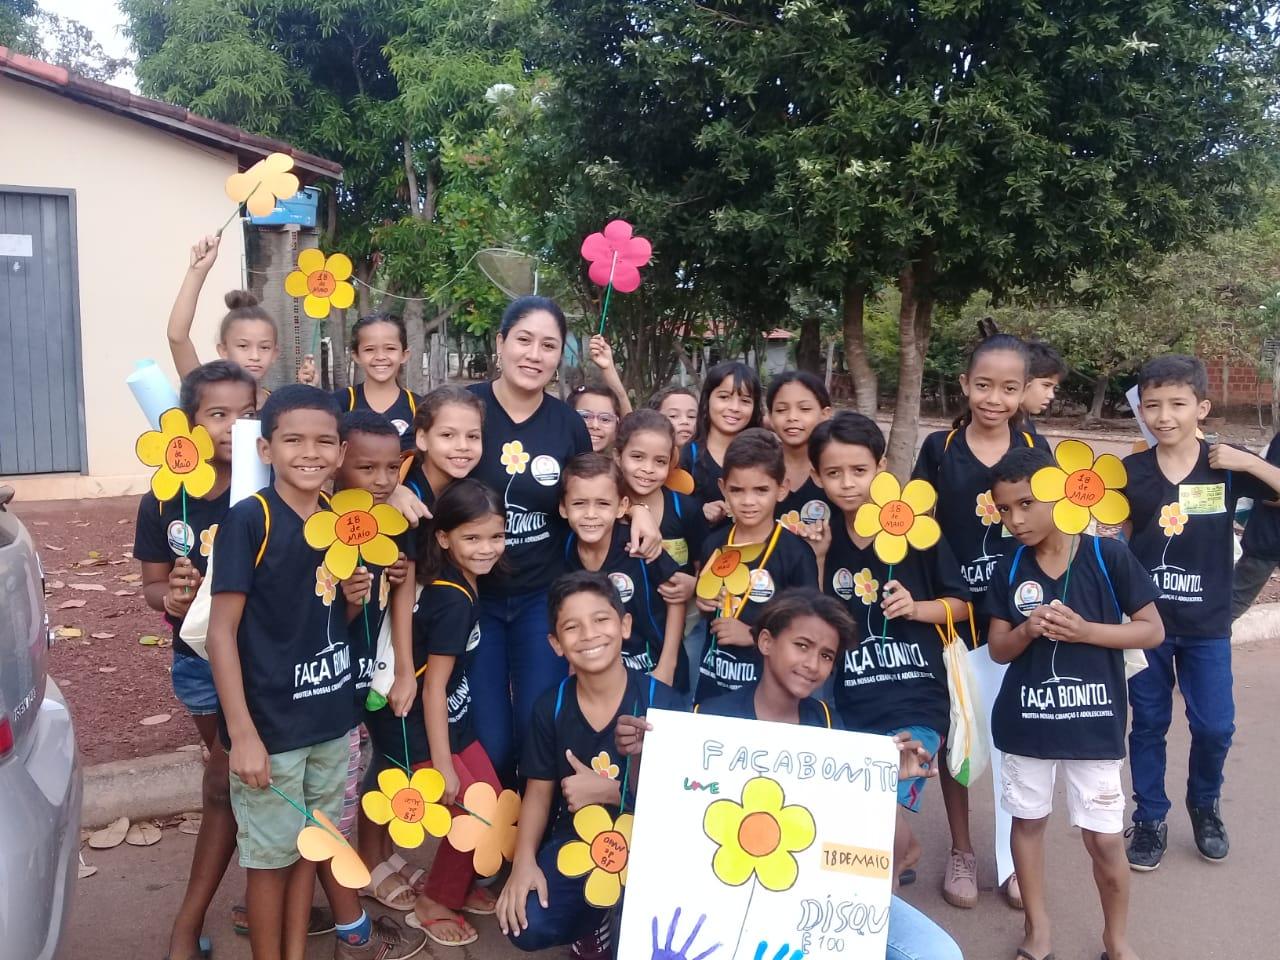 Caminhada em Pium mobiliza comunidade contra o abuso e a exploração sexual de crianças e adolescentes